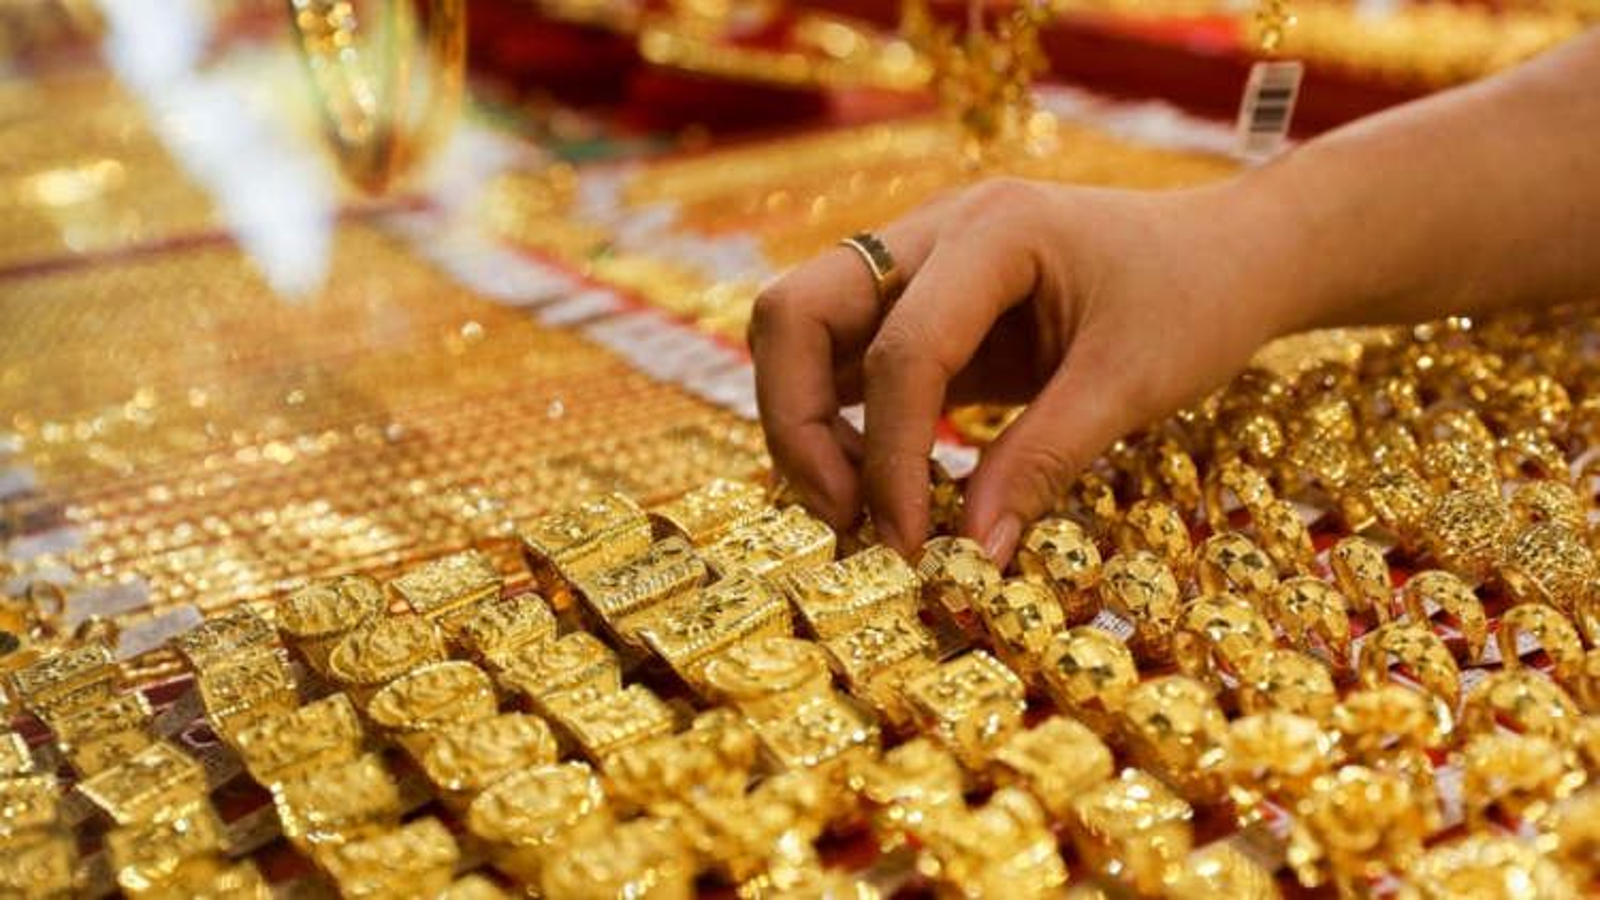 Giá vàng tiếp tục tăng, gần chạm mốc 56 triệu đồng/lượng